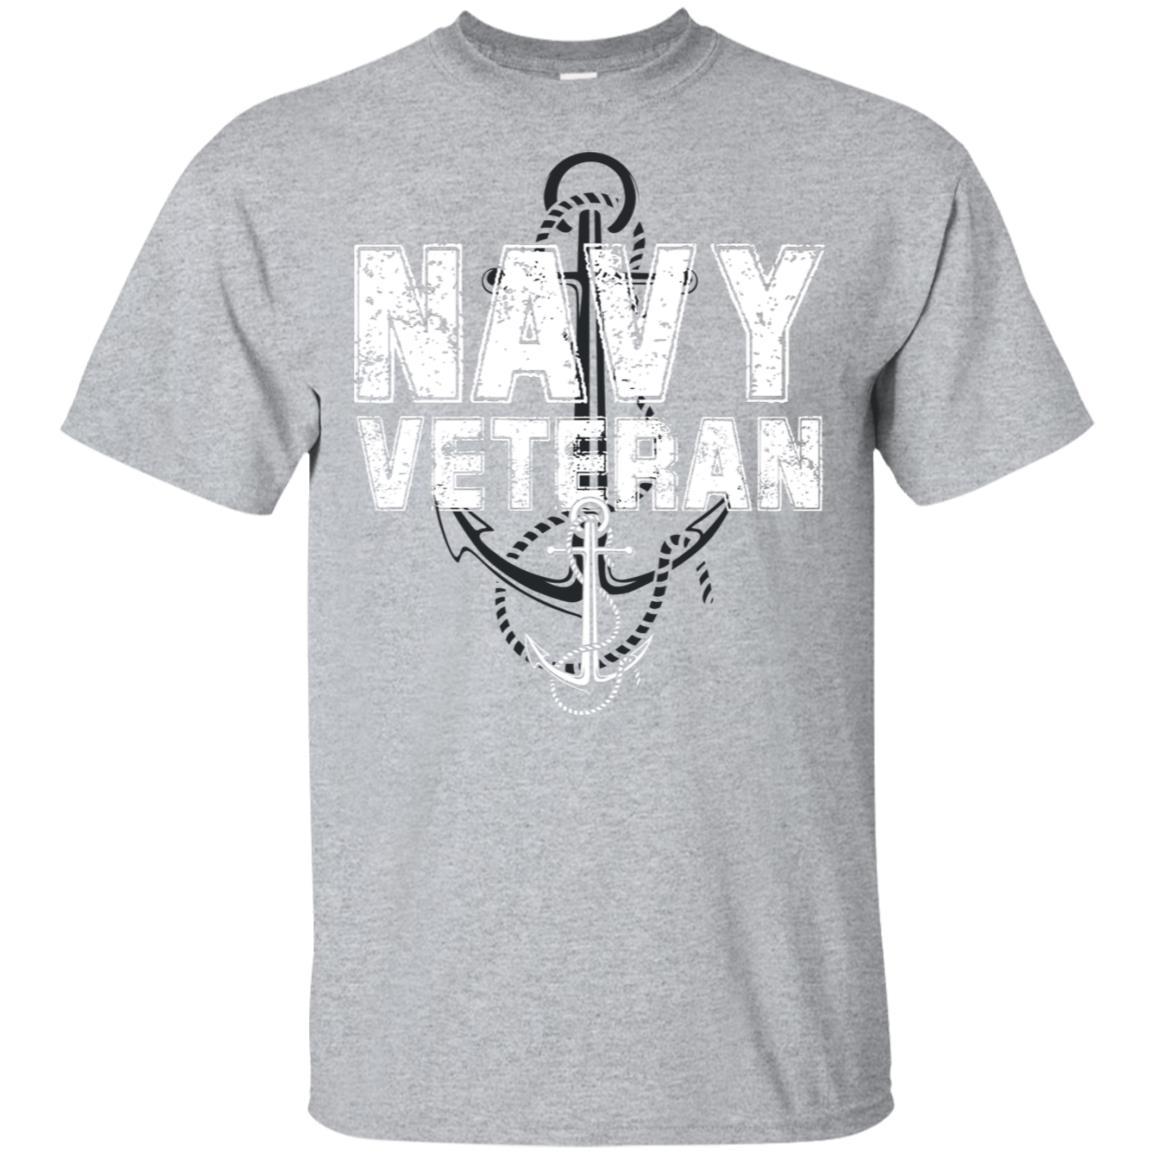 Us Military Veteran Navy For Men or Women Unisex Short Sleeve